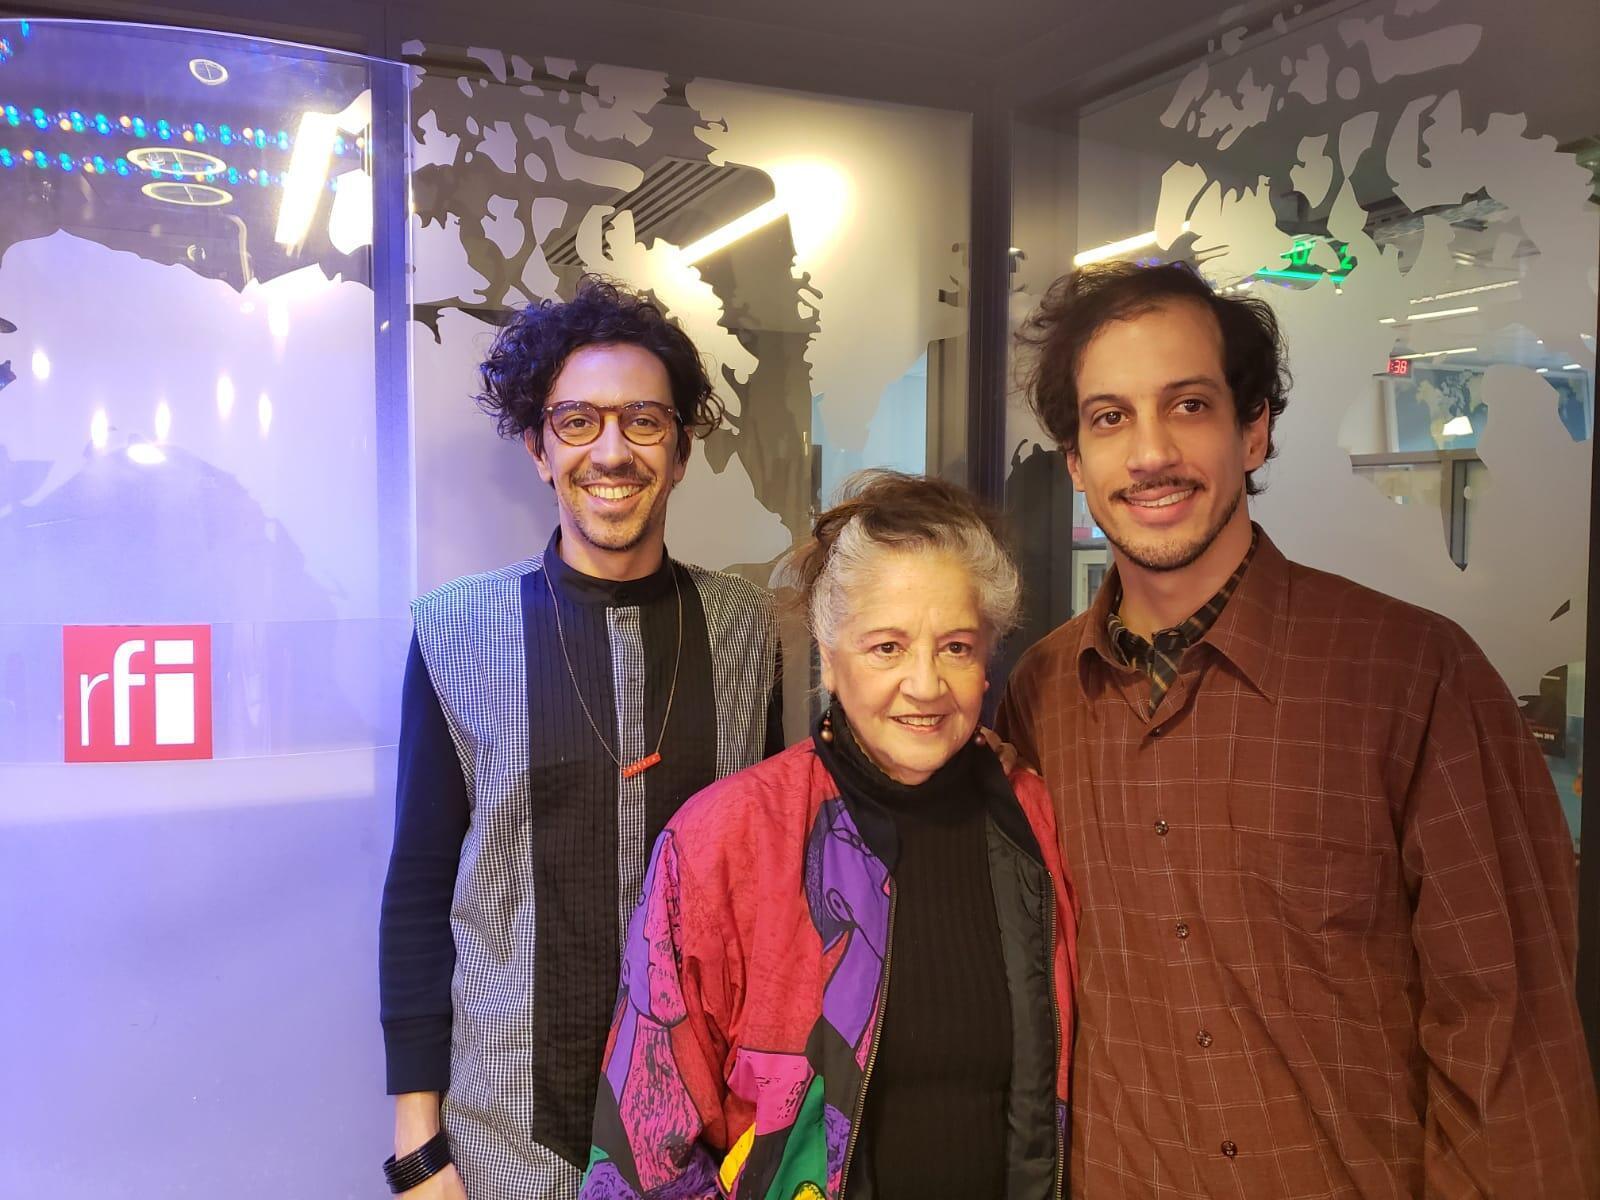 Ione de Medeiros com Herique Mourão e Jonnatha Horta Fontes, atores e produtores do grupo Oficcina Multimédia.